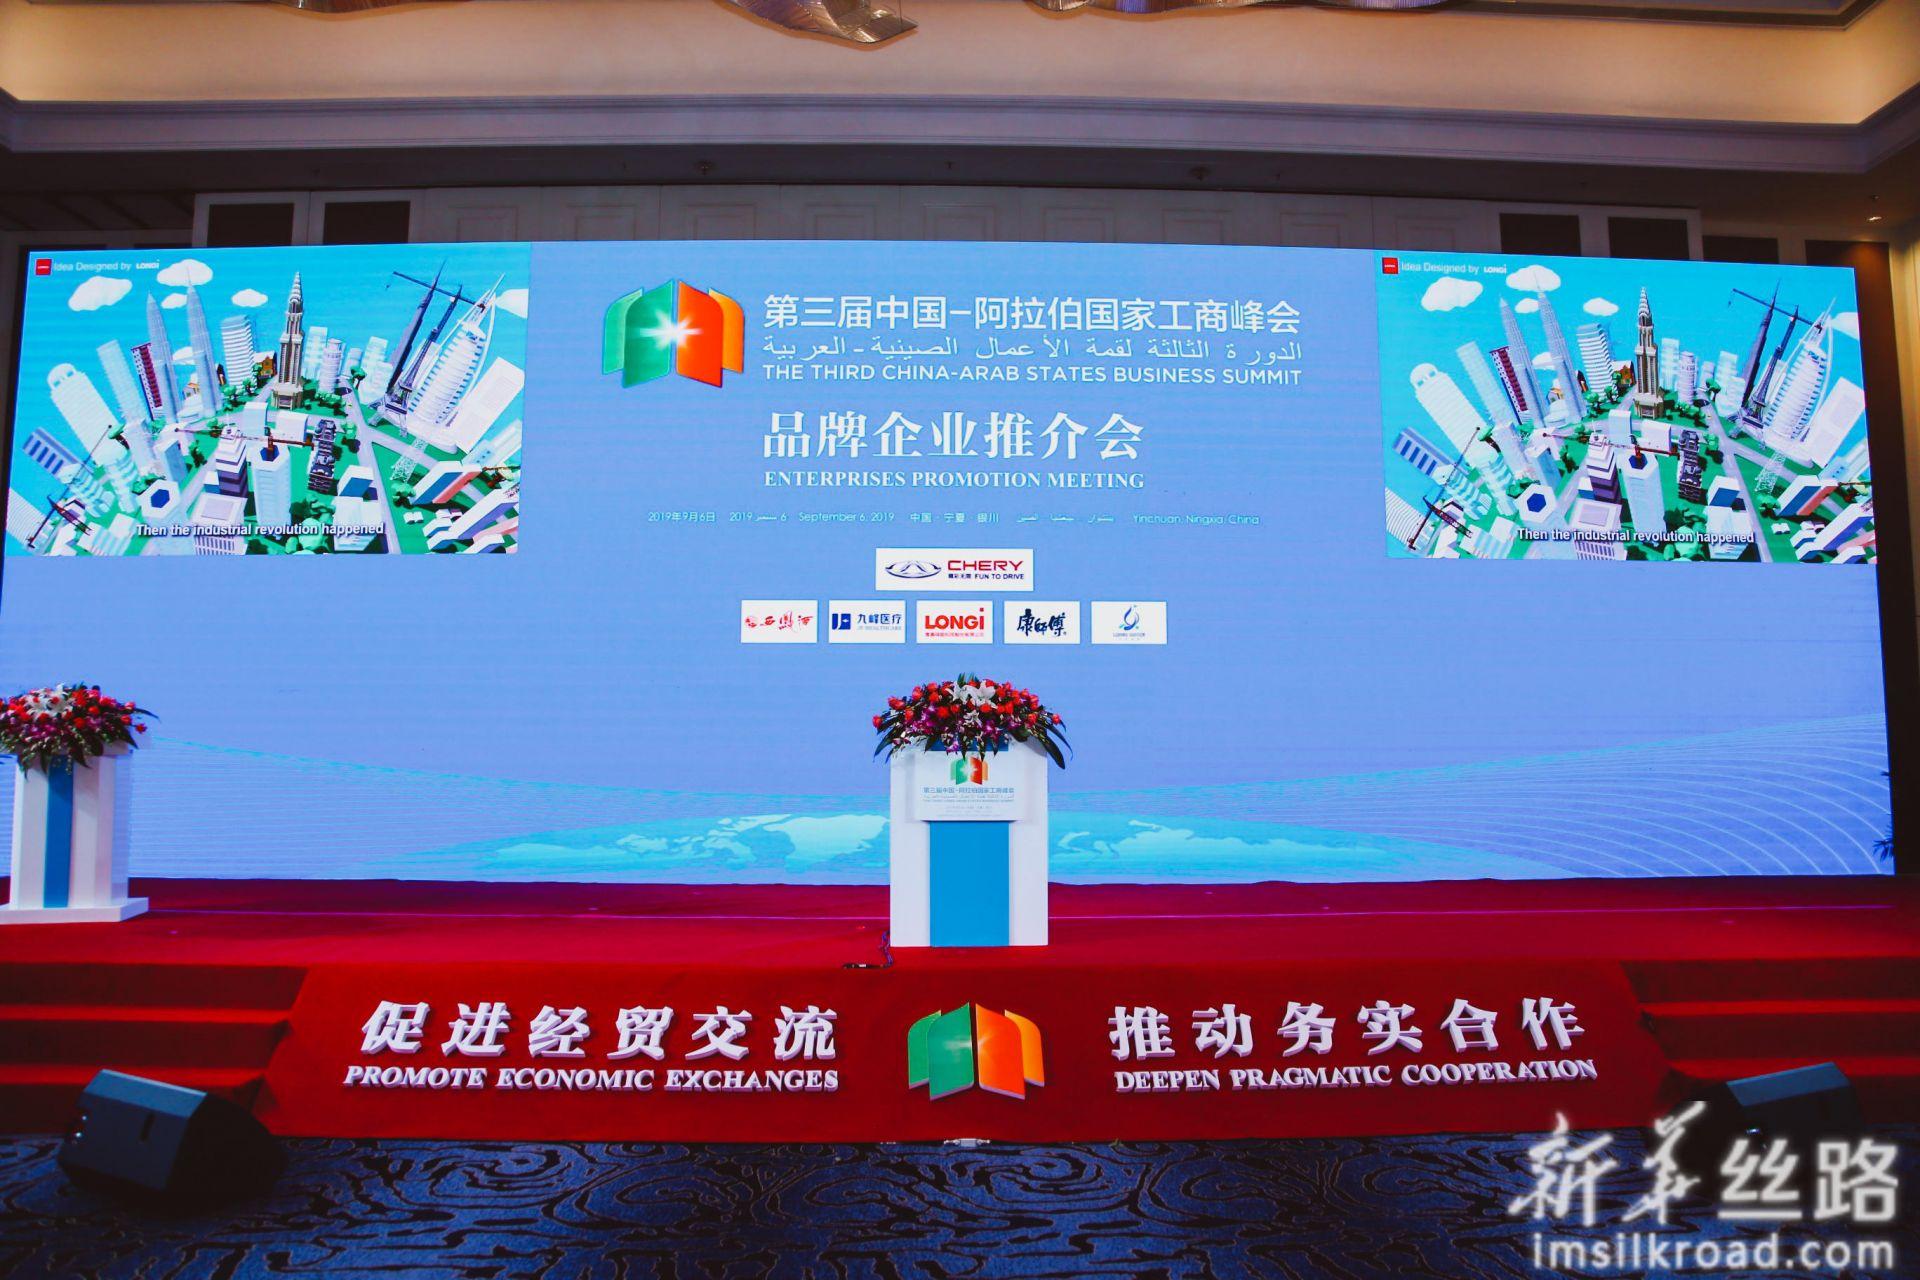 第三届中国 - 阿拉伯国家工商峰会品牌企业推介会